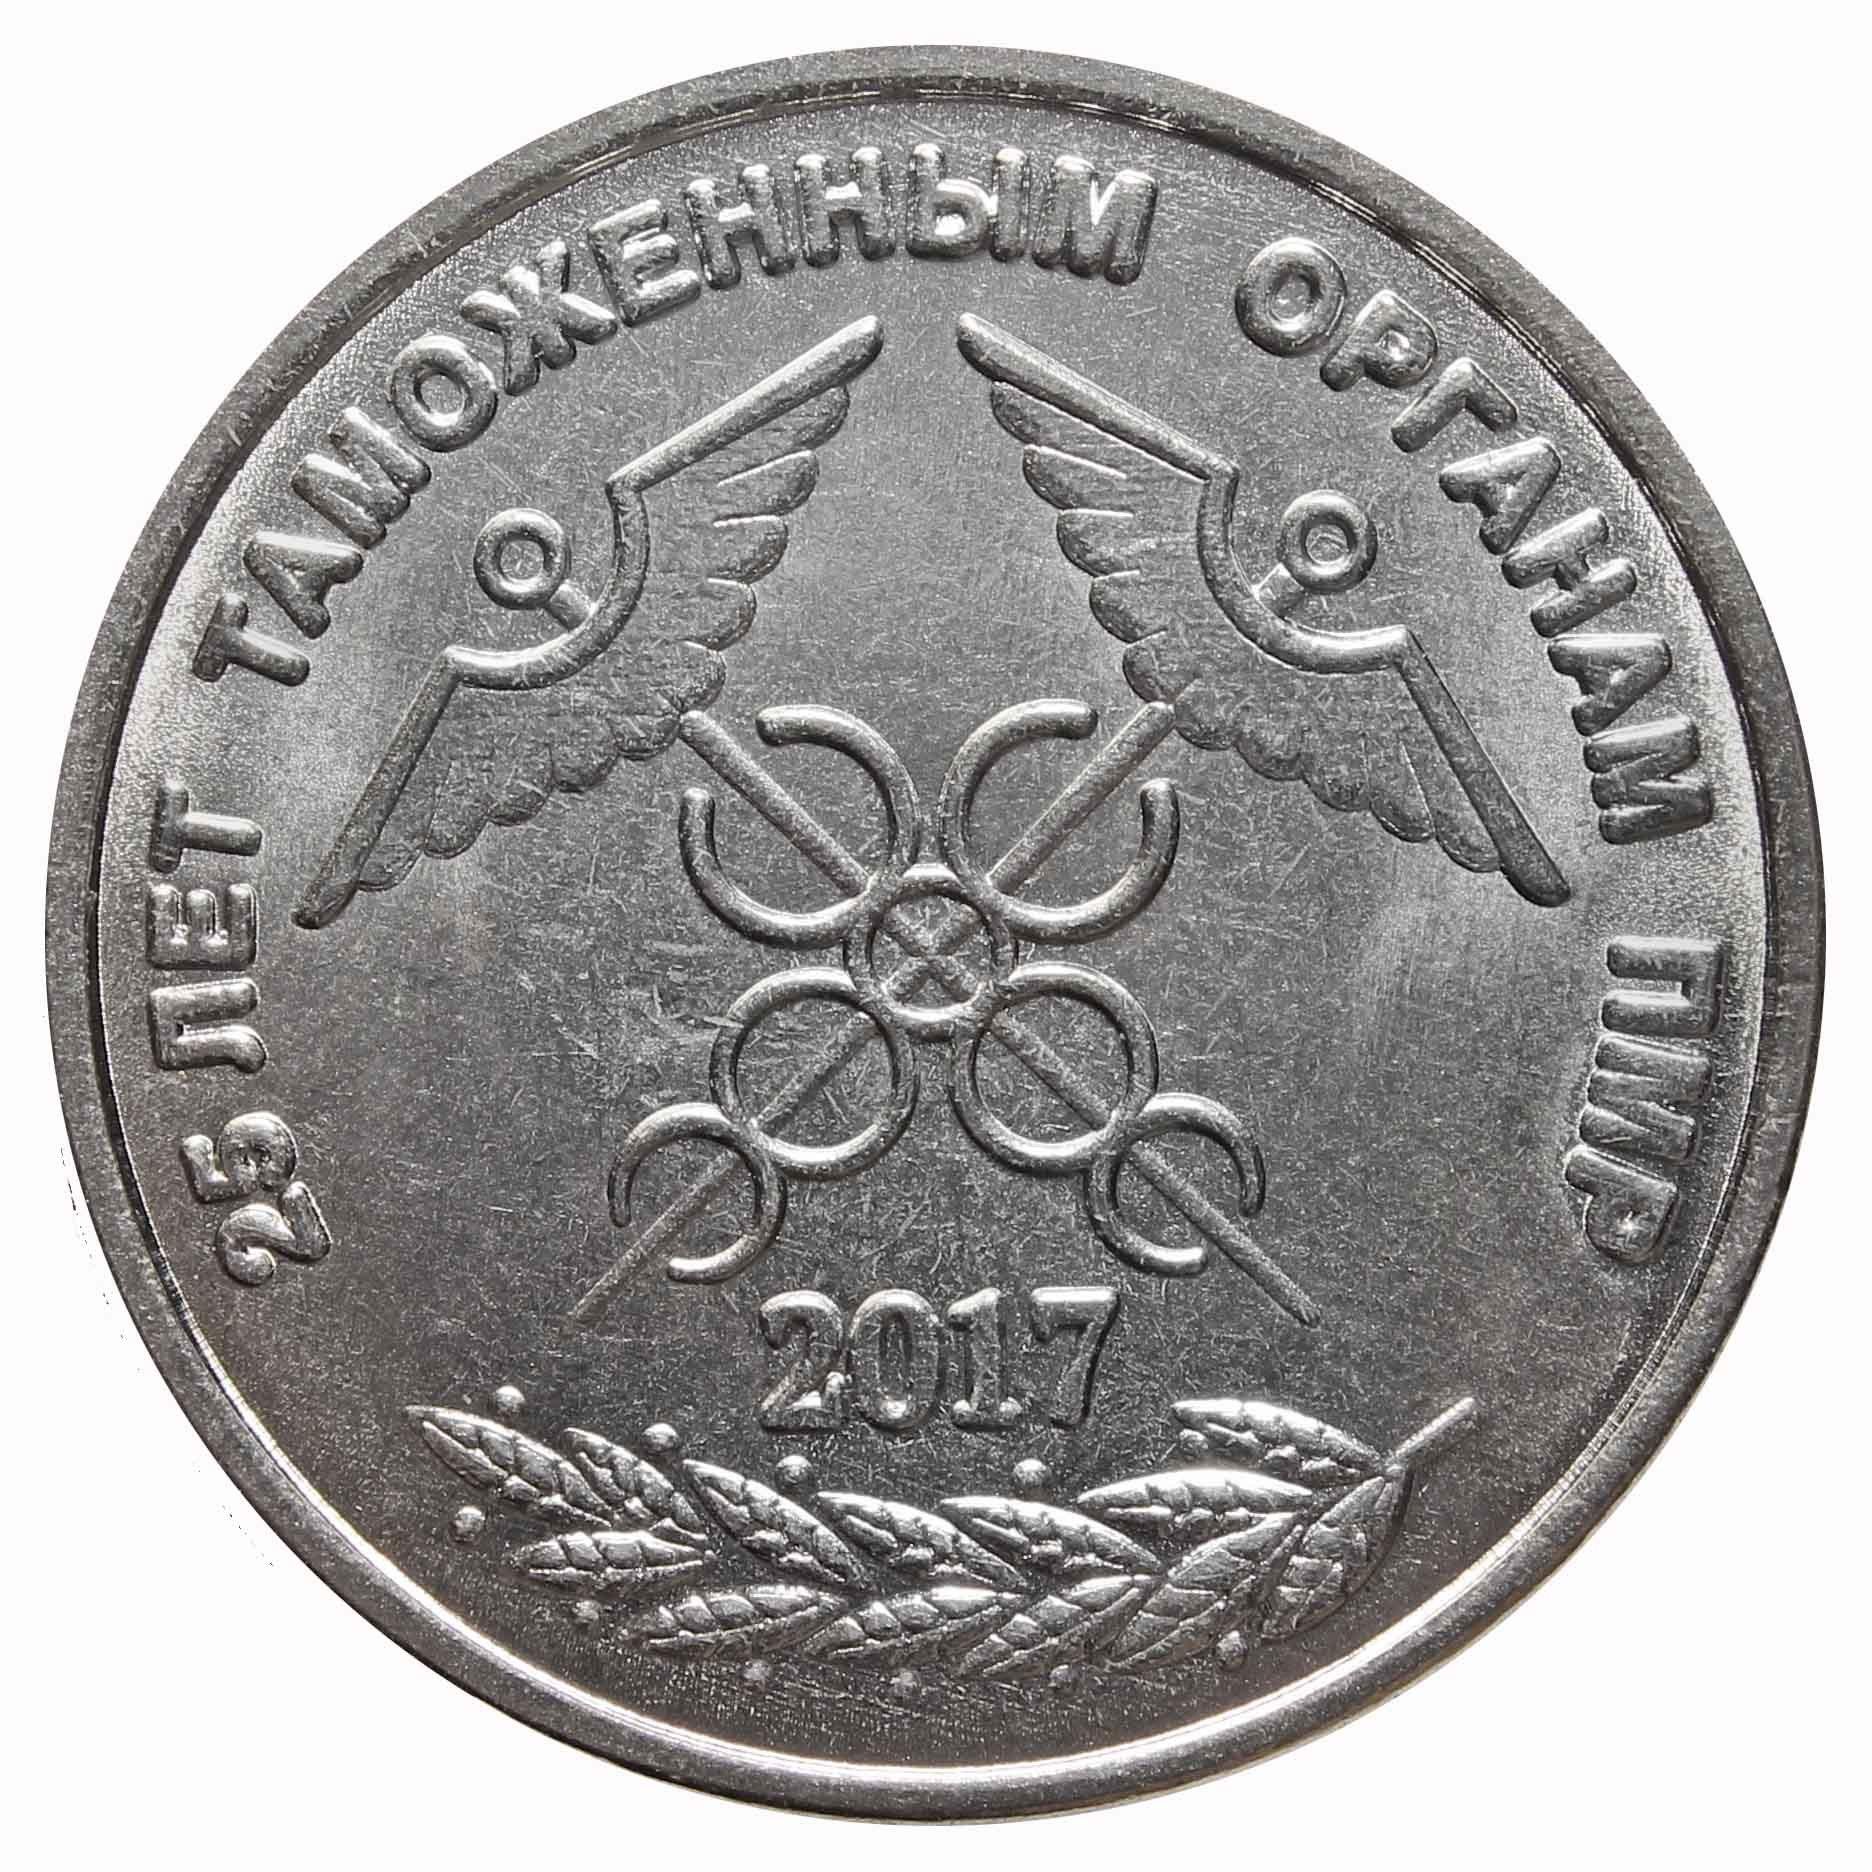 1 рубль 2017 год «25-я годовщина образования таможенных органов ПМР». Приднестровье.